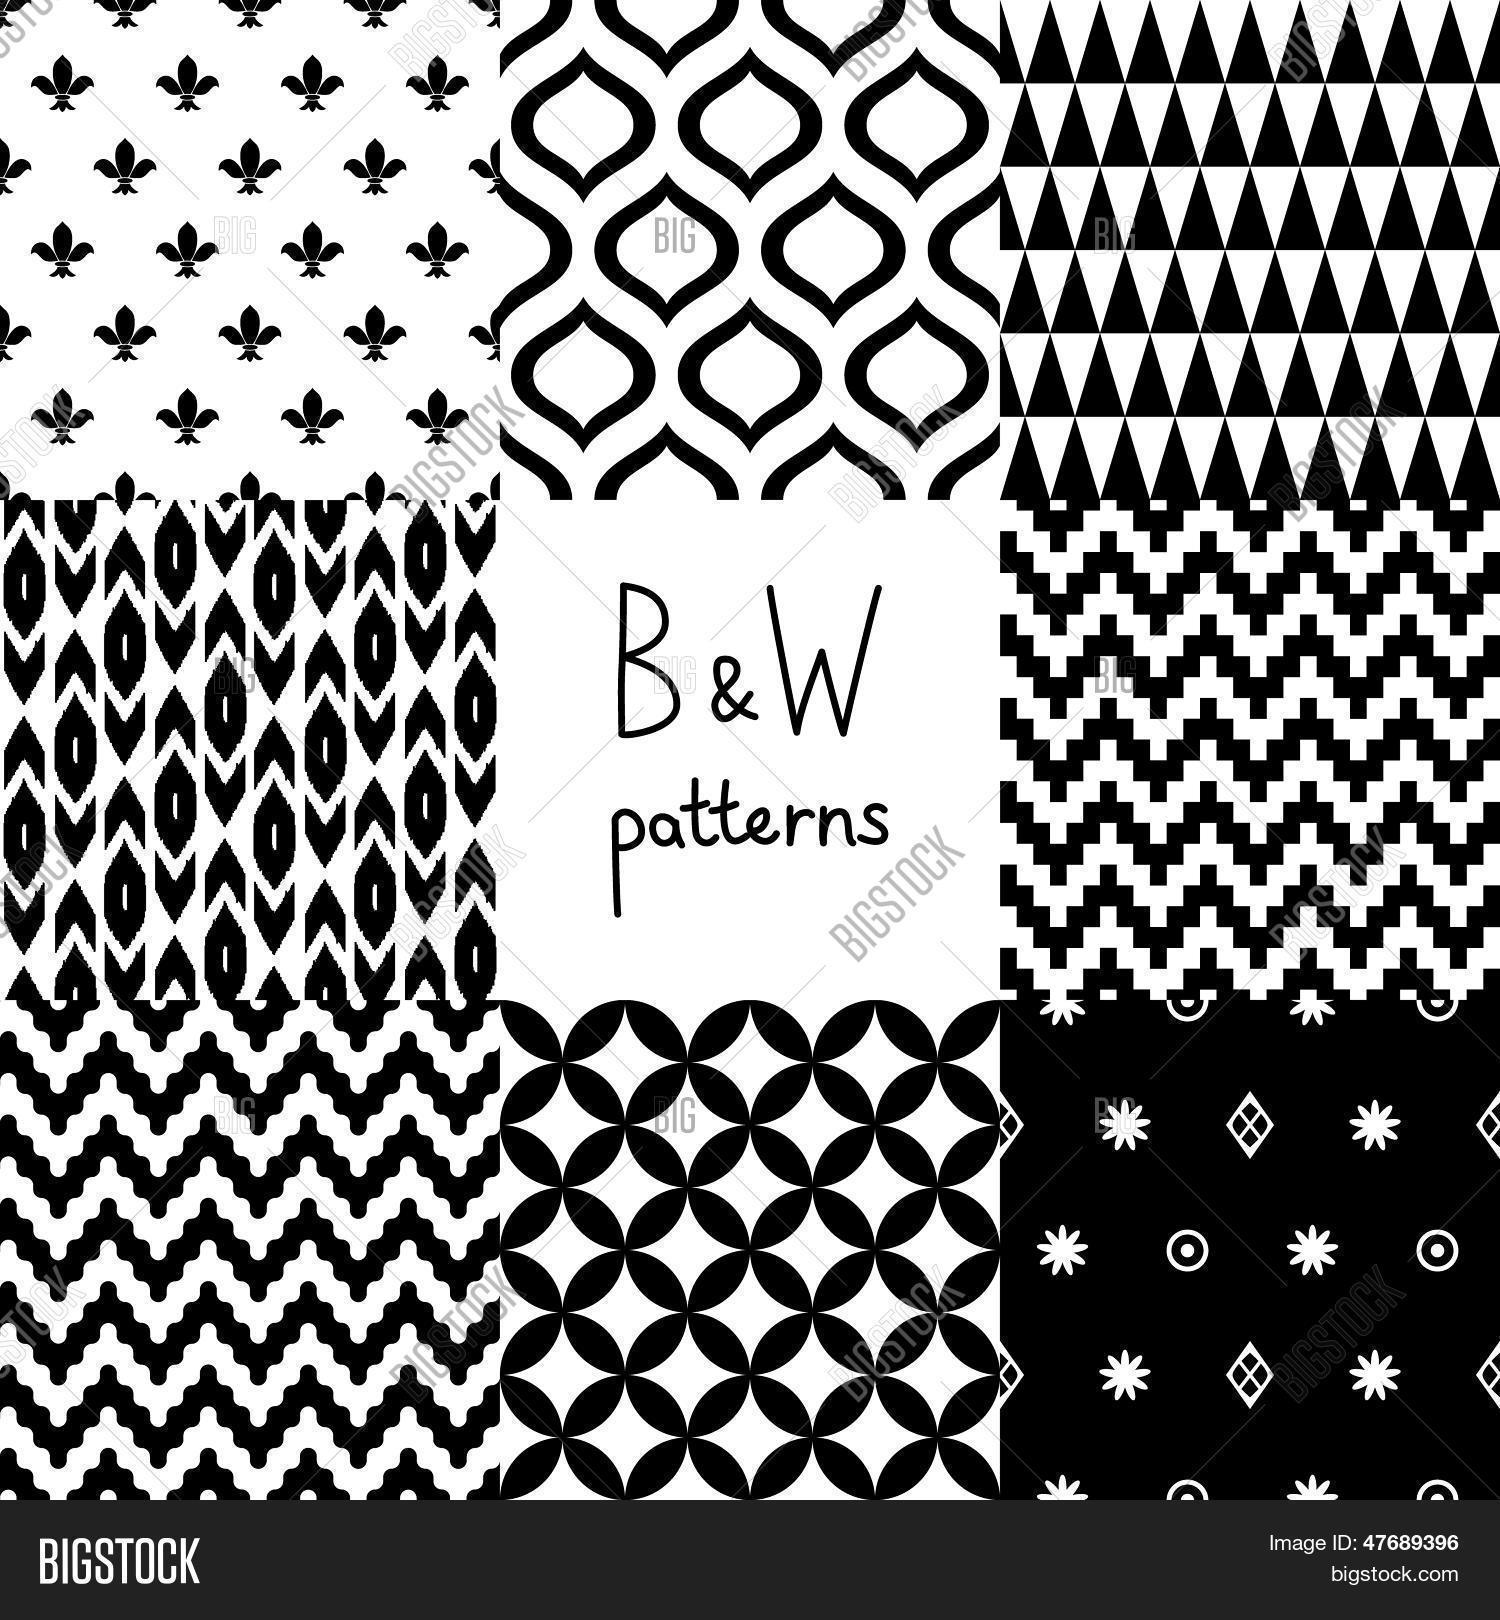 Disegni Geometrici Bianco E Nero foto e immagine vettoriale a tema (prova gratuita)   bigstock